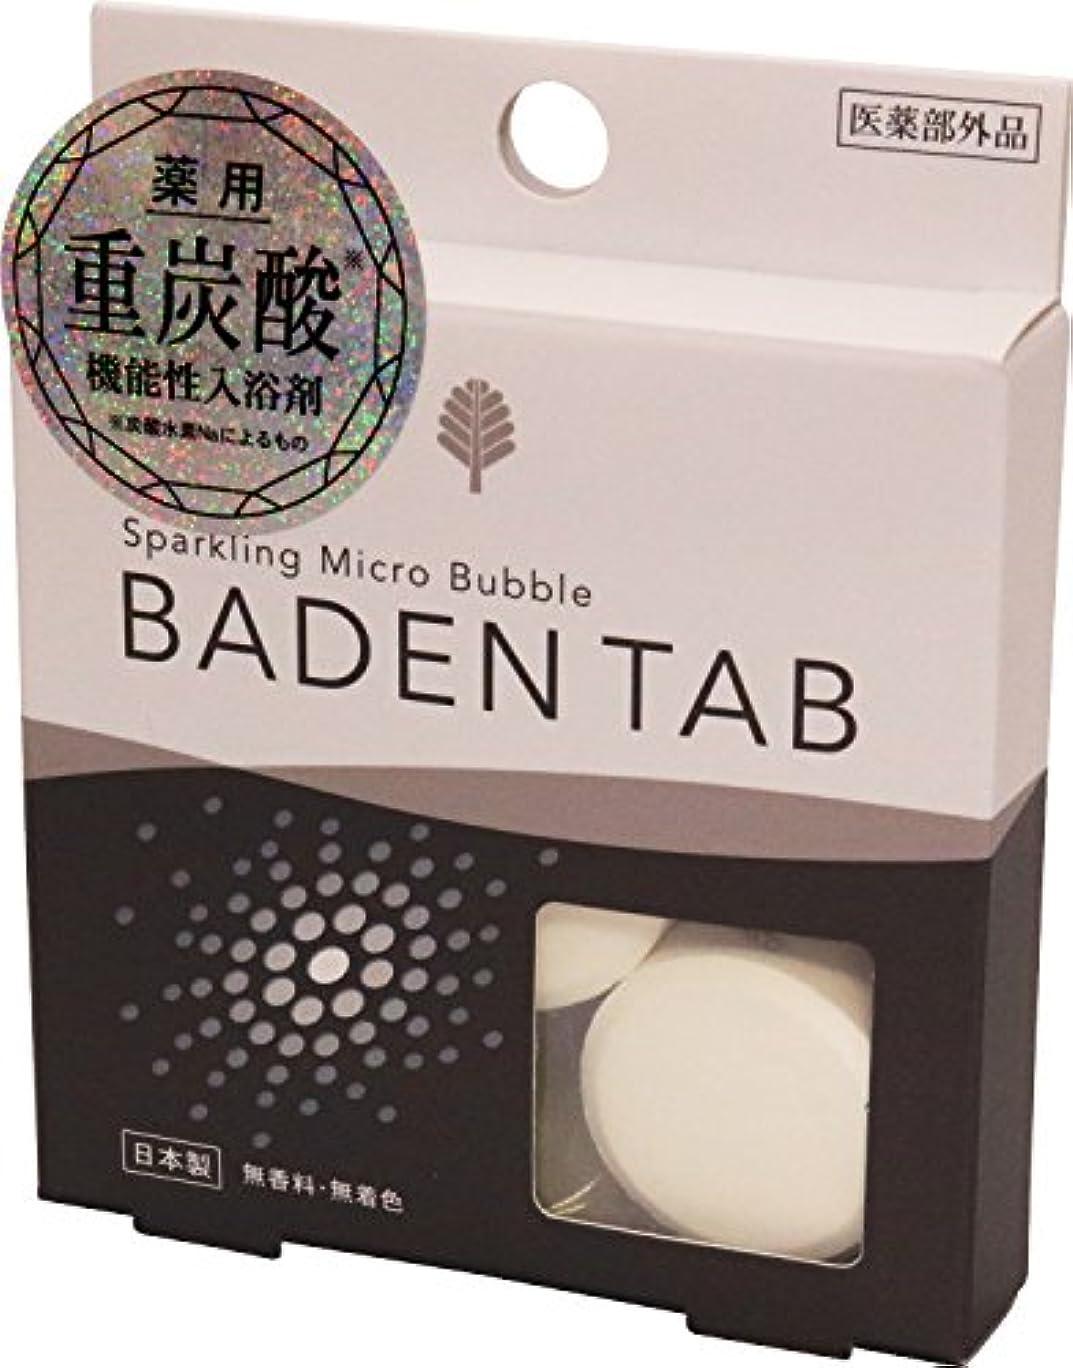 分析するマークダウン副薬用 重炭酸 機能性入浴剤 バーデンタブ 5錠